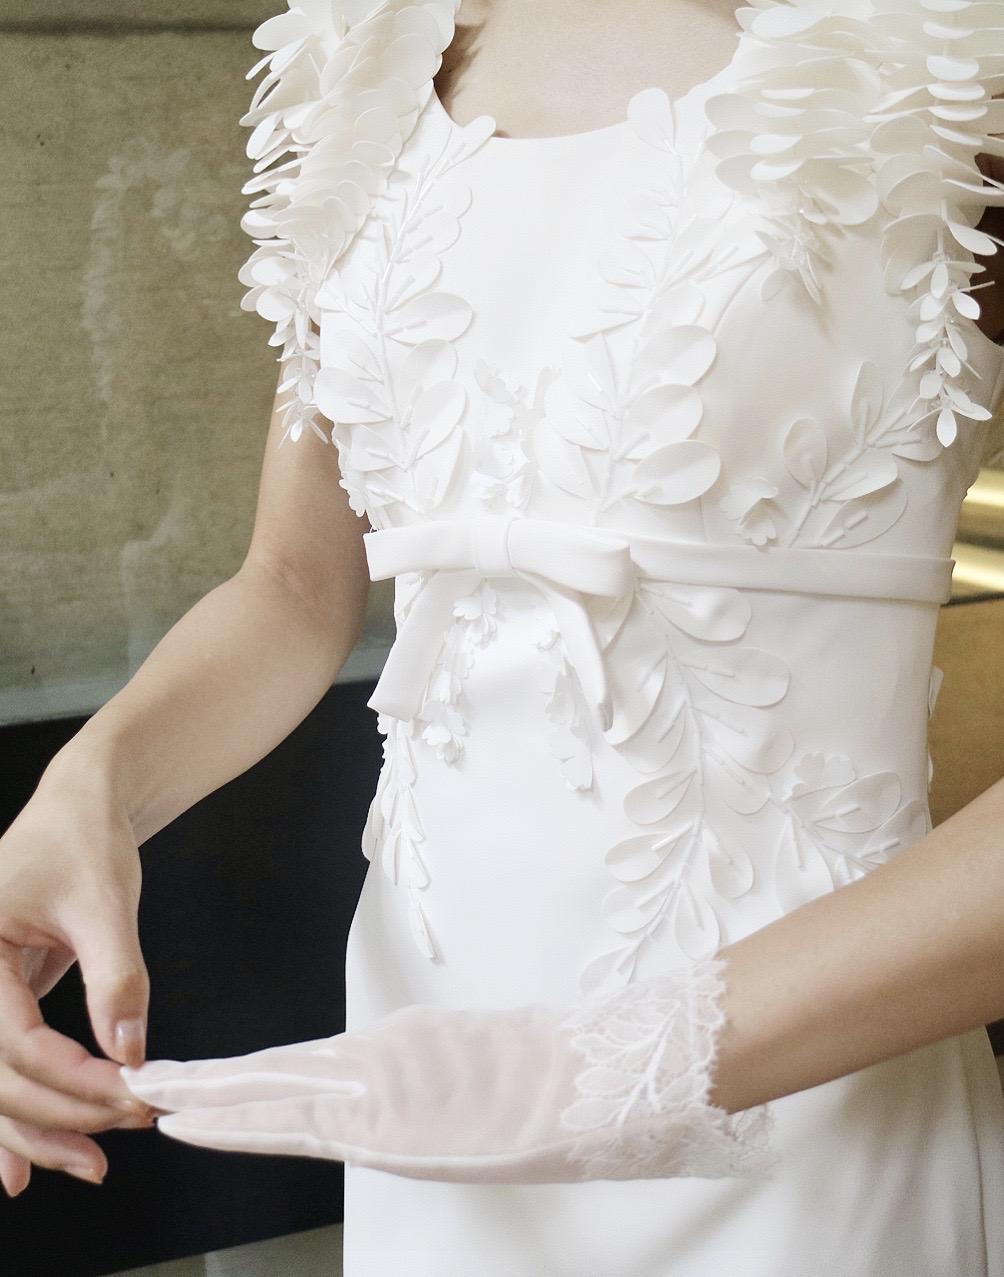 マットな質感とフラワーモチーフが施された細身のクラシカルなビクターアンドロルフマリアージュのウエディングドレス